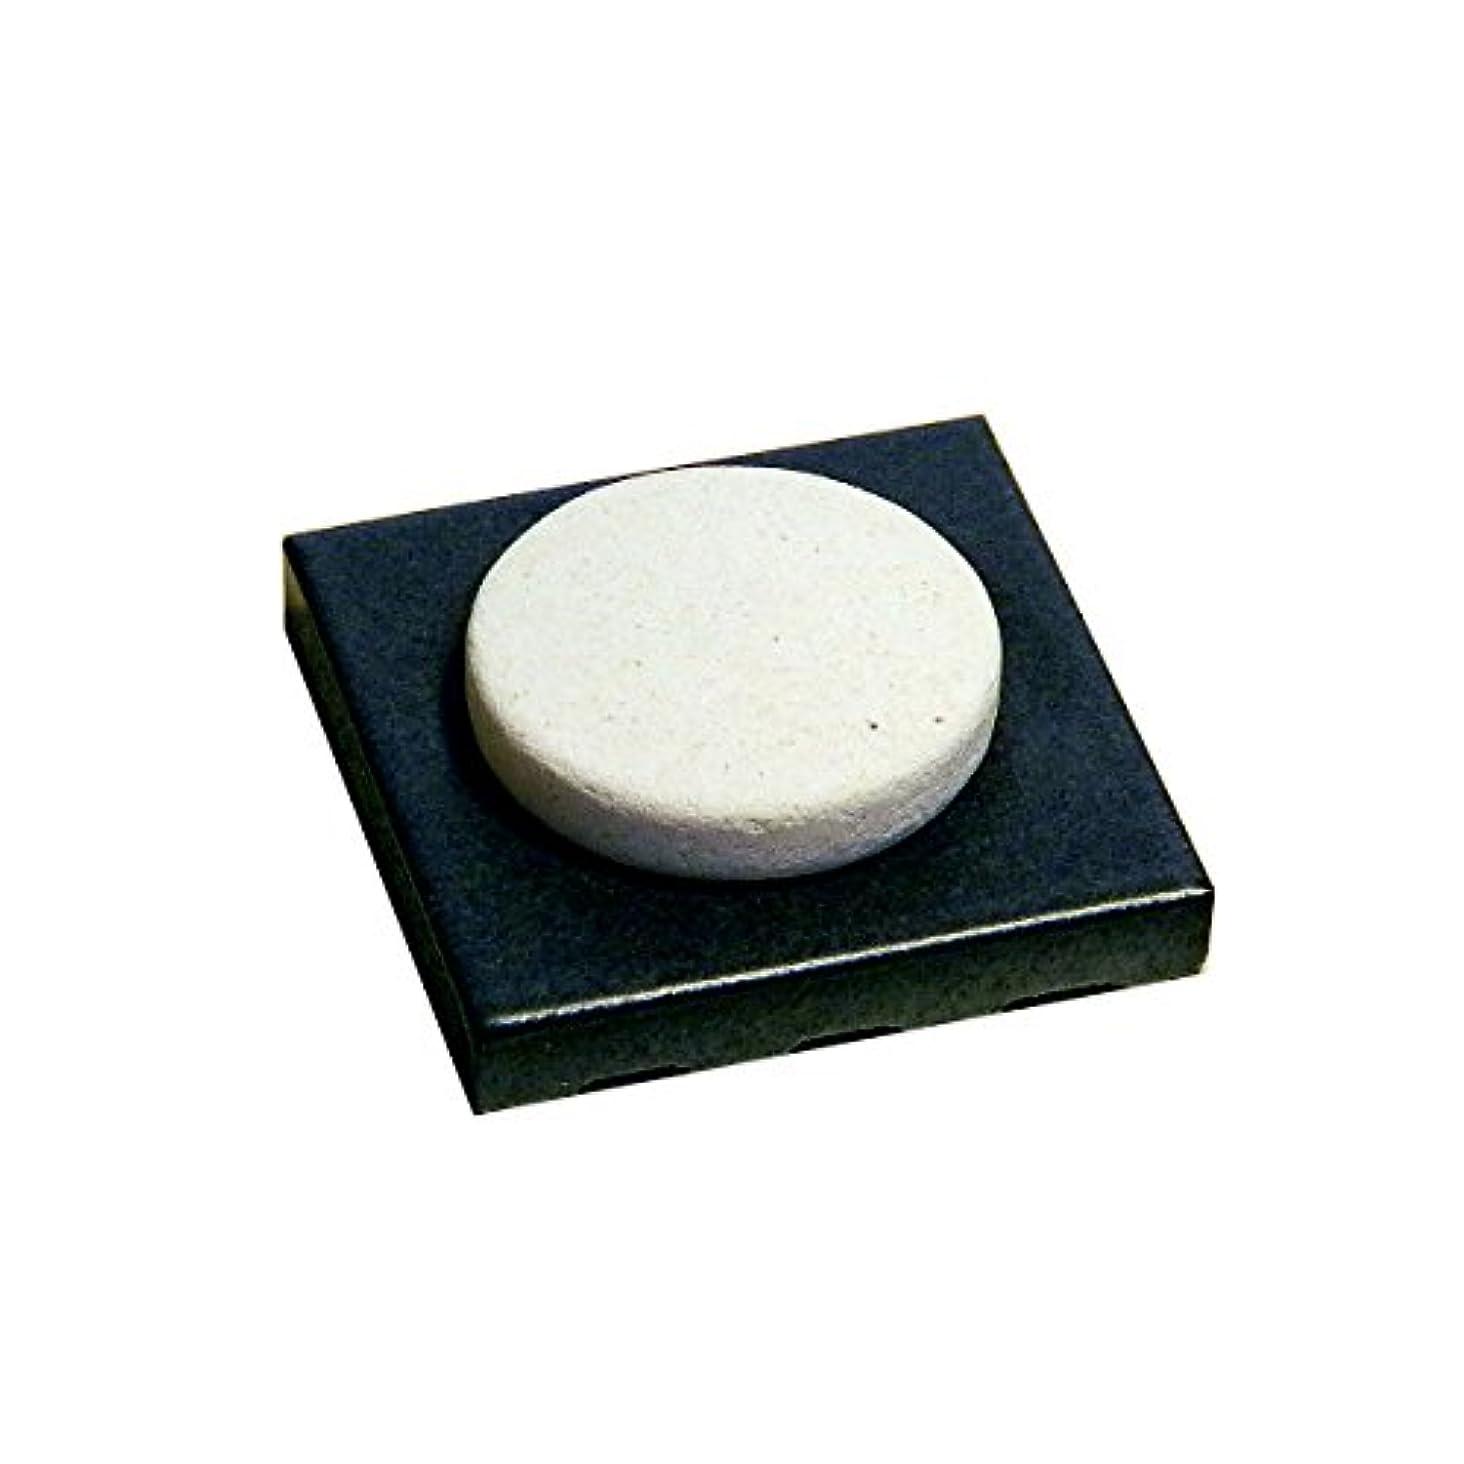 見出し腸読書をする〔立風屋〕珪藻土アロマプレート美濃焼タイルセット ブラック(黒) RPAP-01003-BK